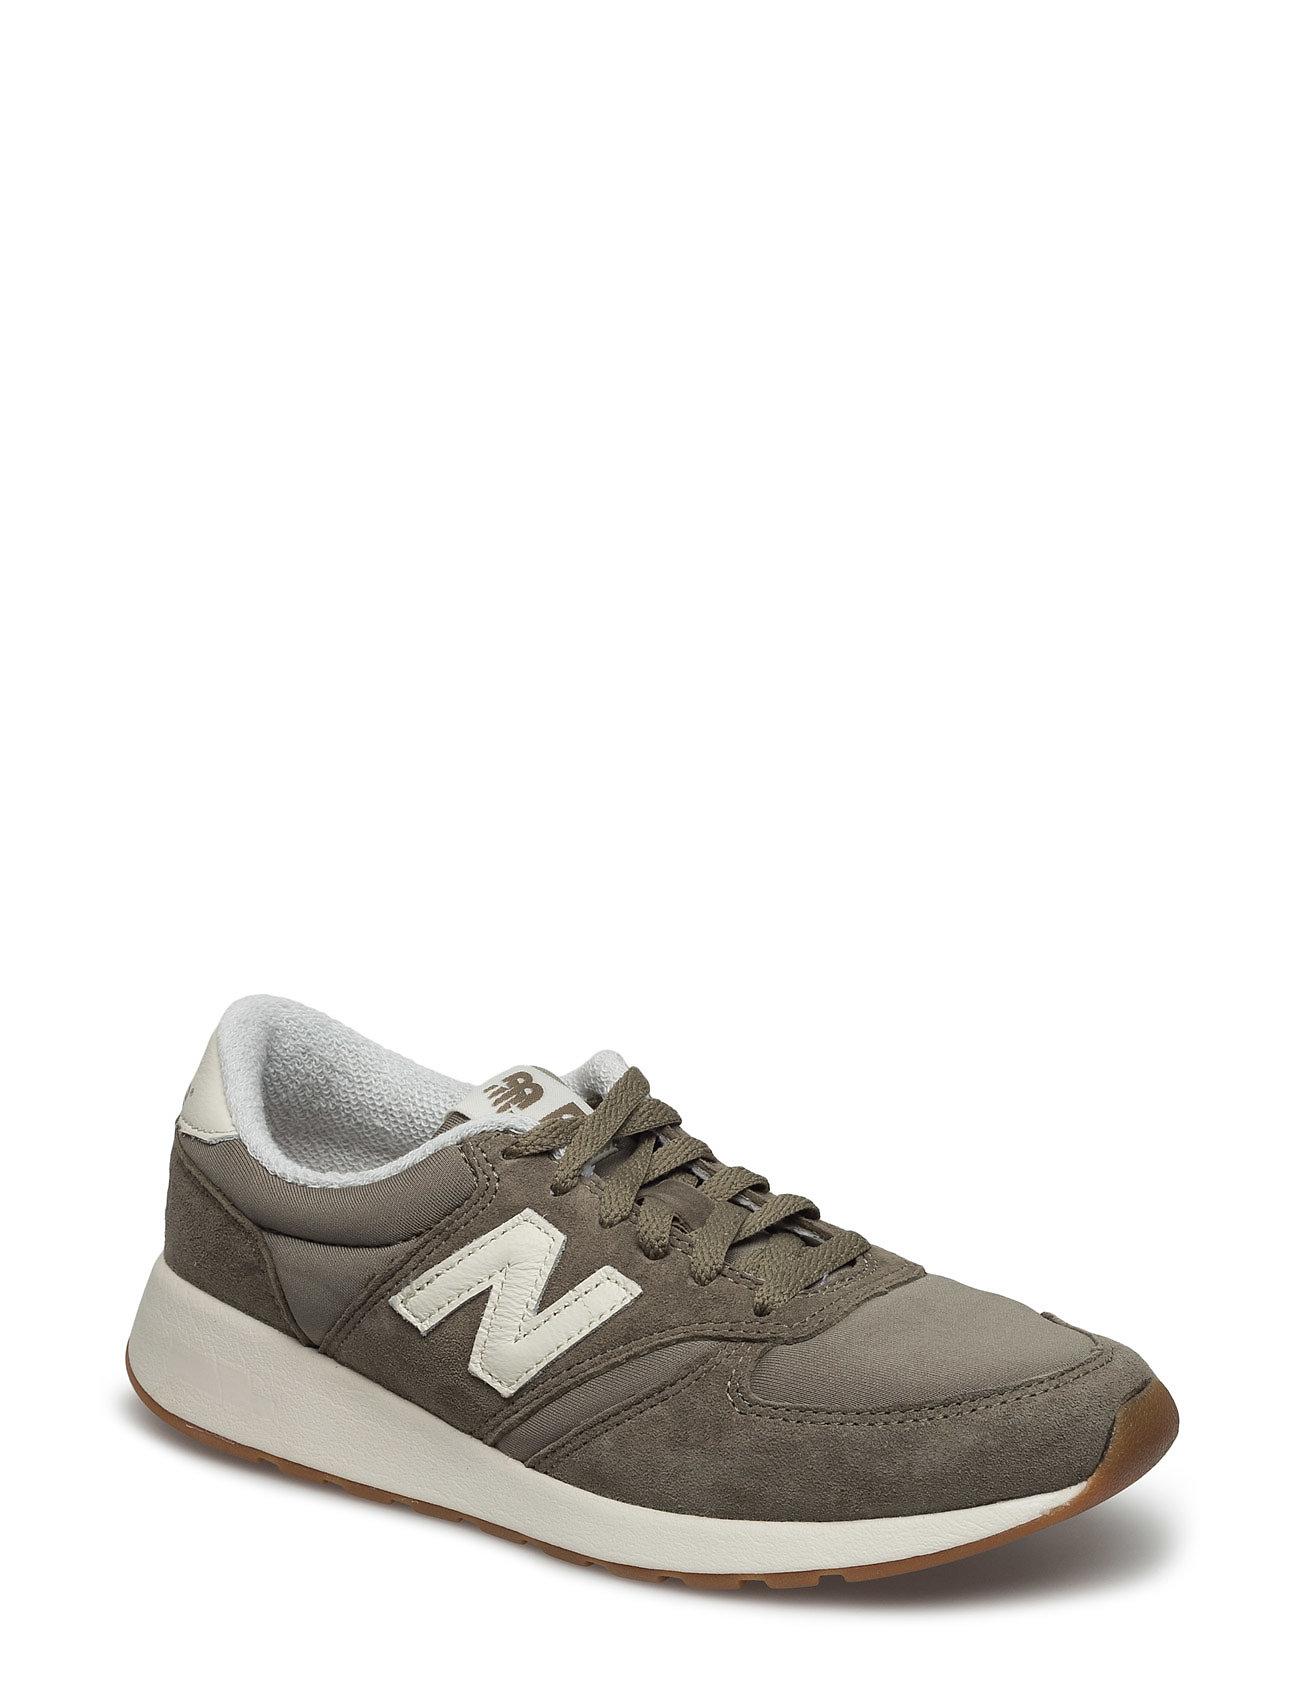 Wrl420rb New Balance Sneakers til Damer i Covert Green